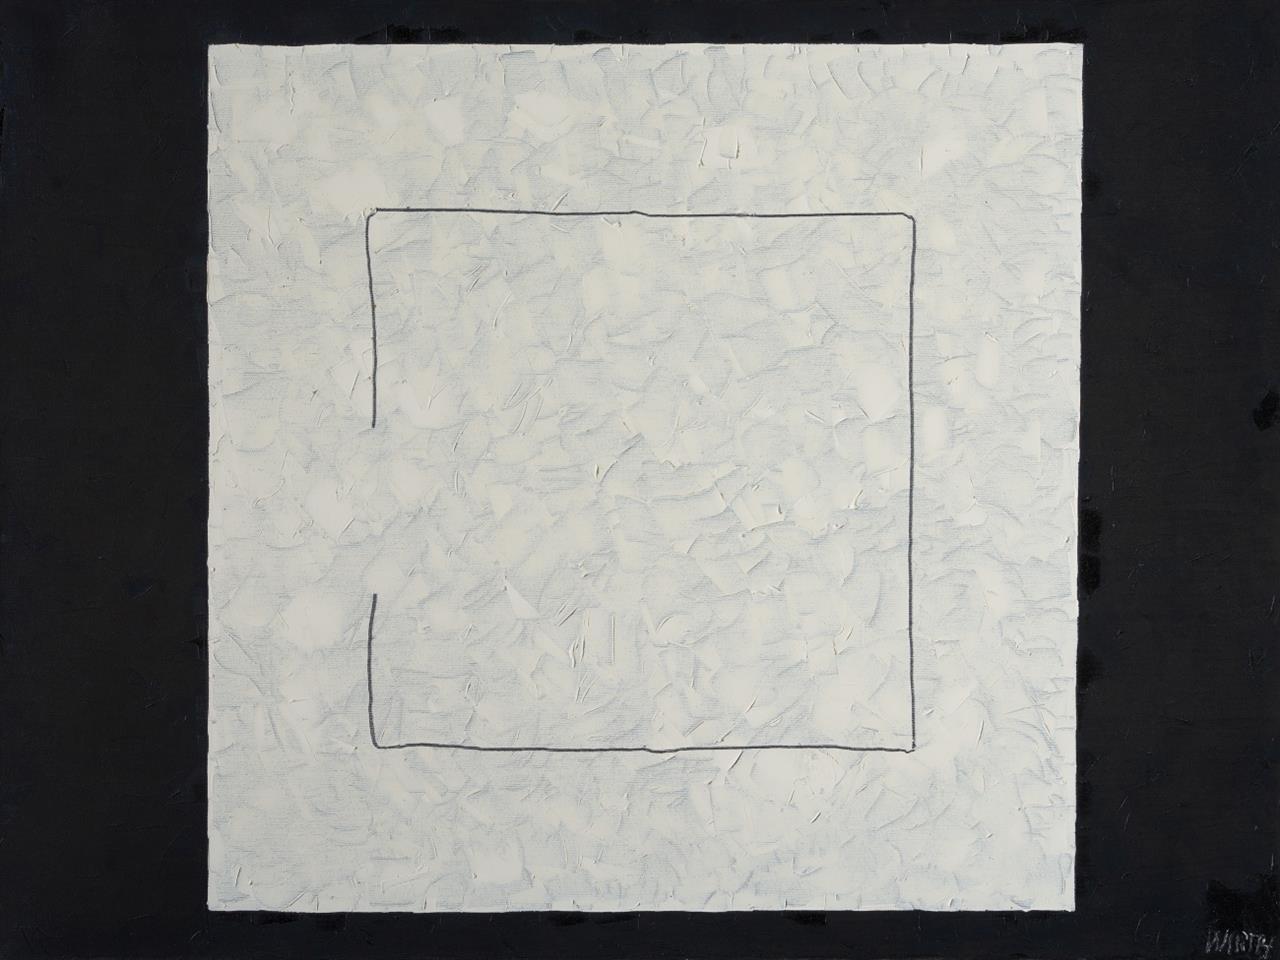 Franz Milan Wirth. Offenes Quadrat. No. 22. Öl auf Leinwand. Signiert.